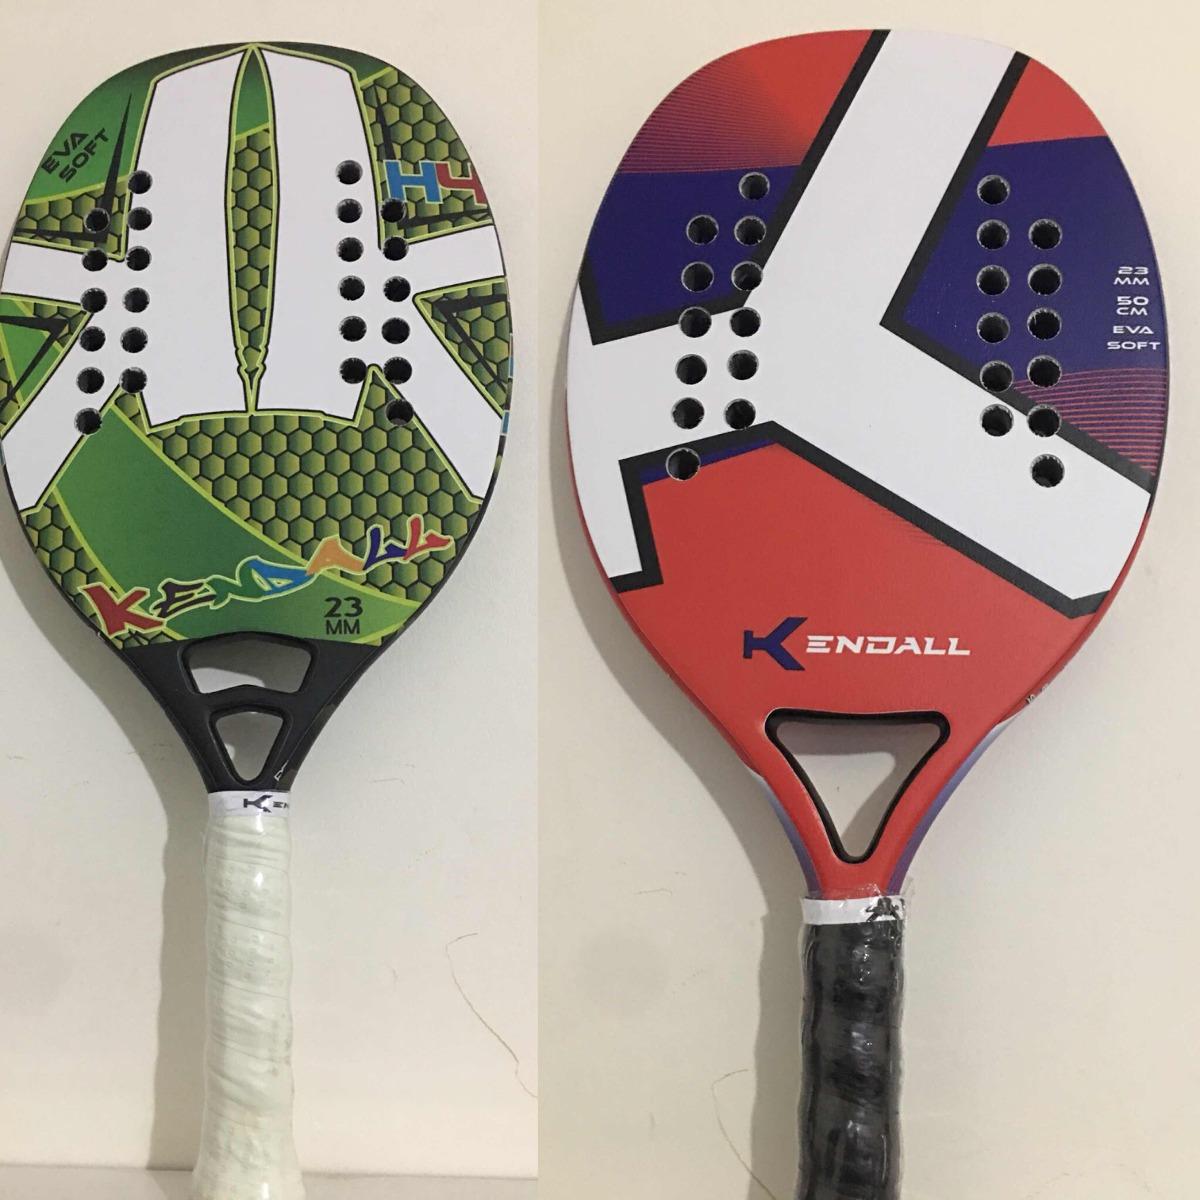 6892cb530 par de raquetes beach tennis kendall. Carregando zoom.